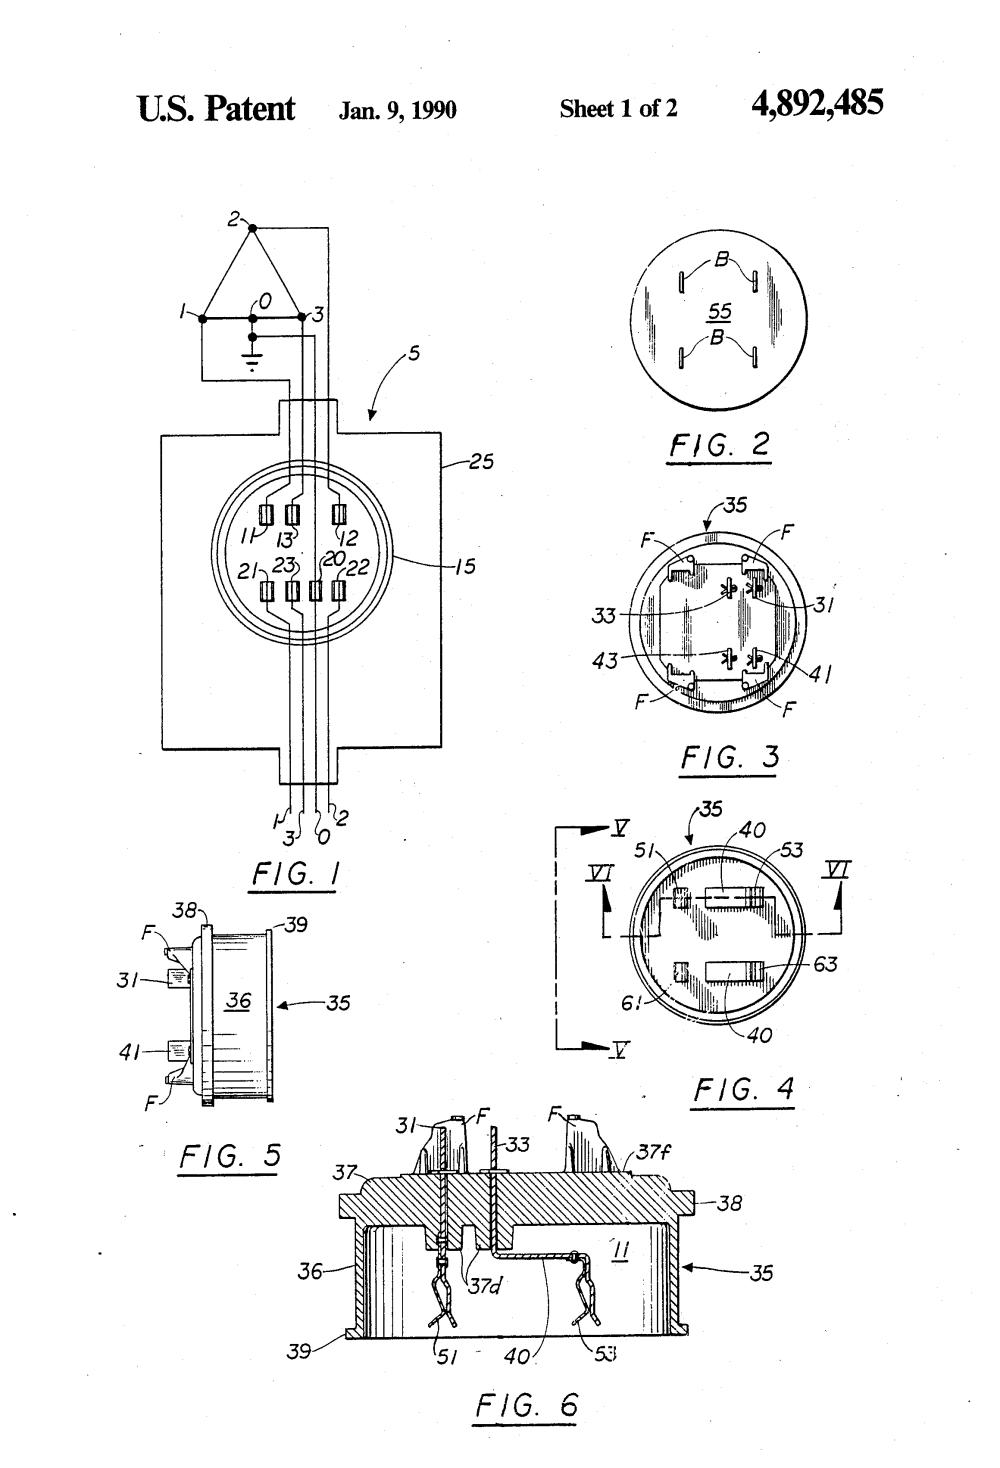 medium resolution of 3 phase meter base wiring diagram 33 wiring diagram 220 3 phase wiring diagram 220 3 phase wiring diagram